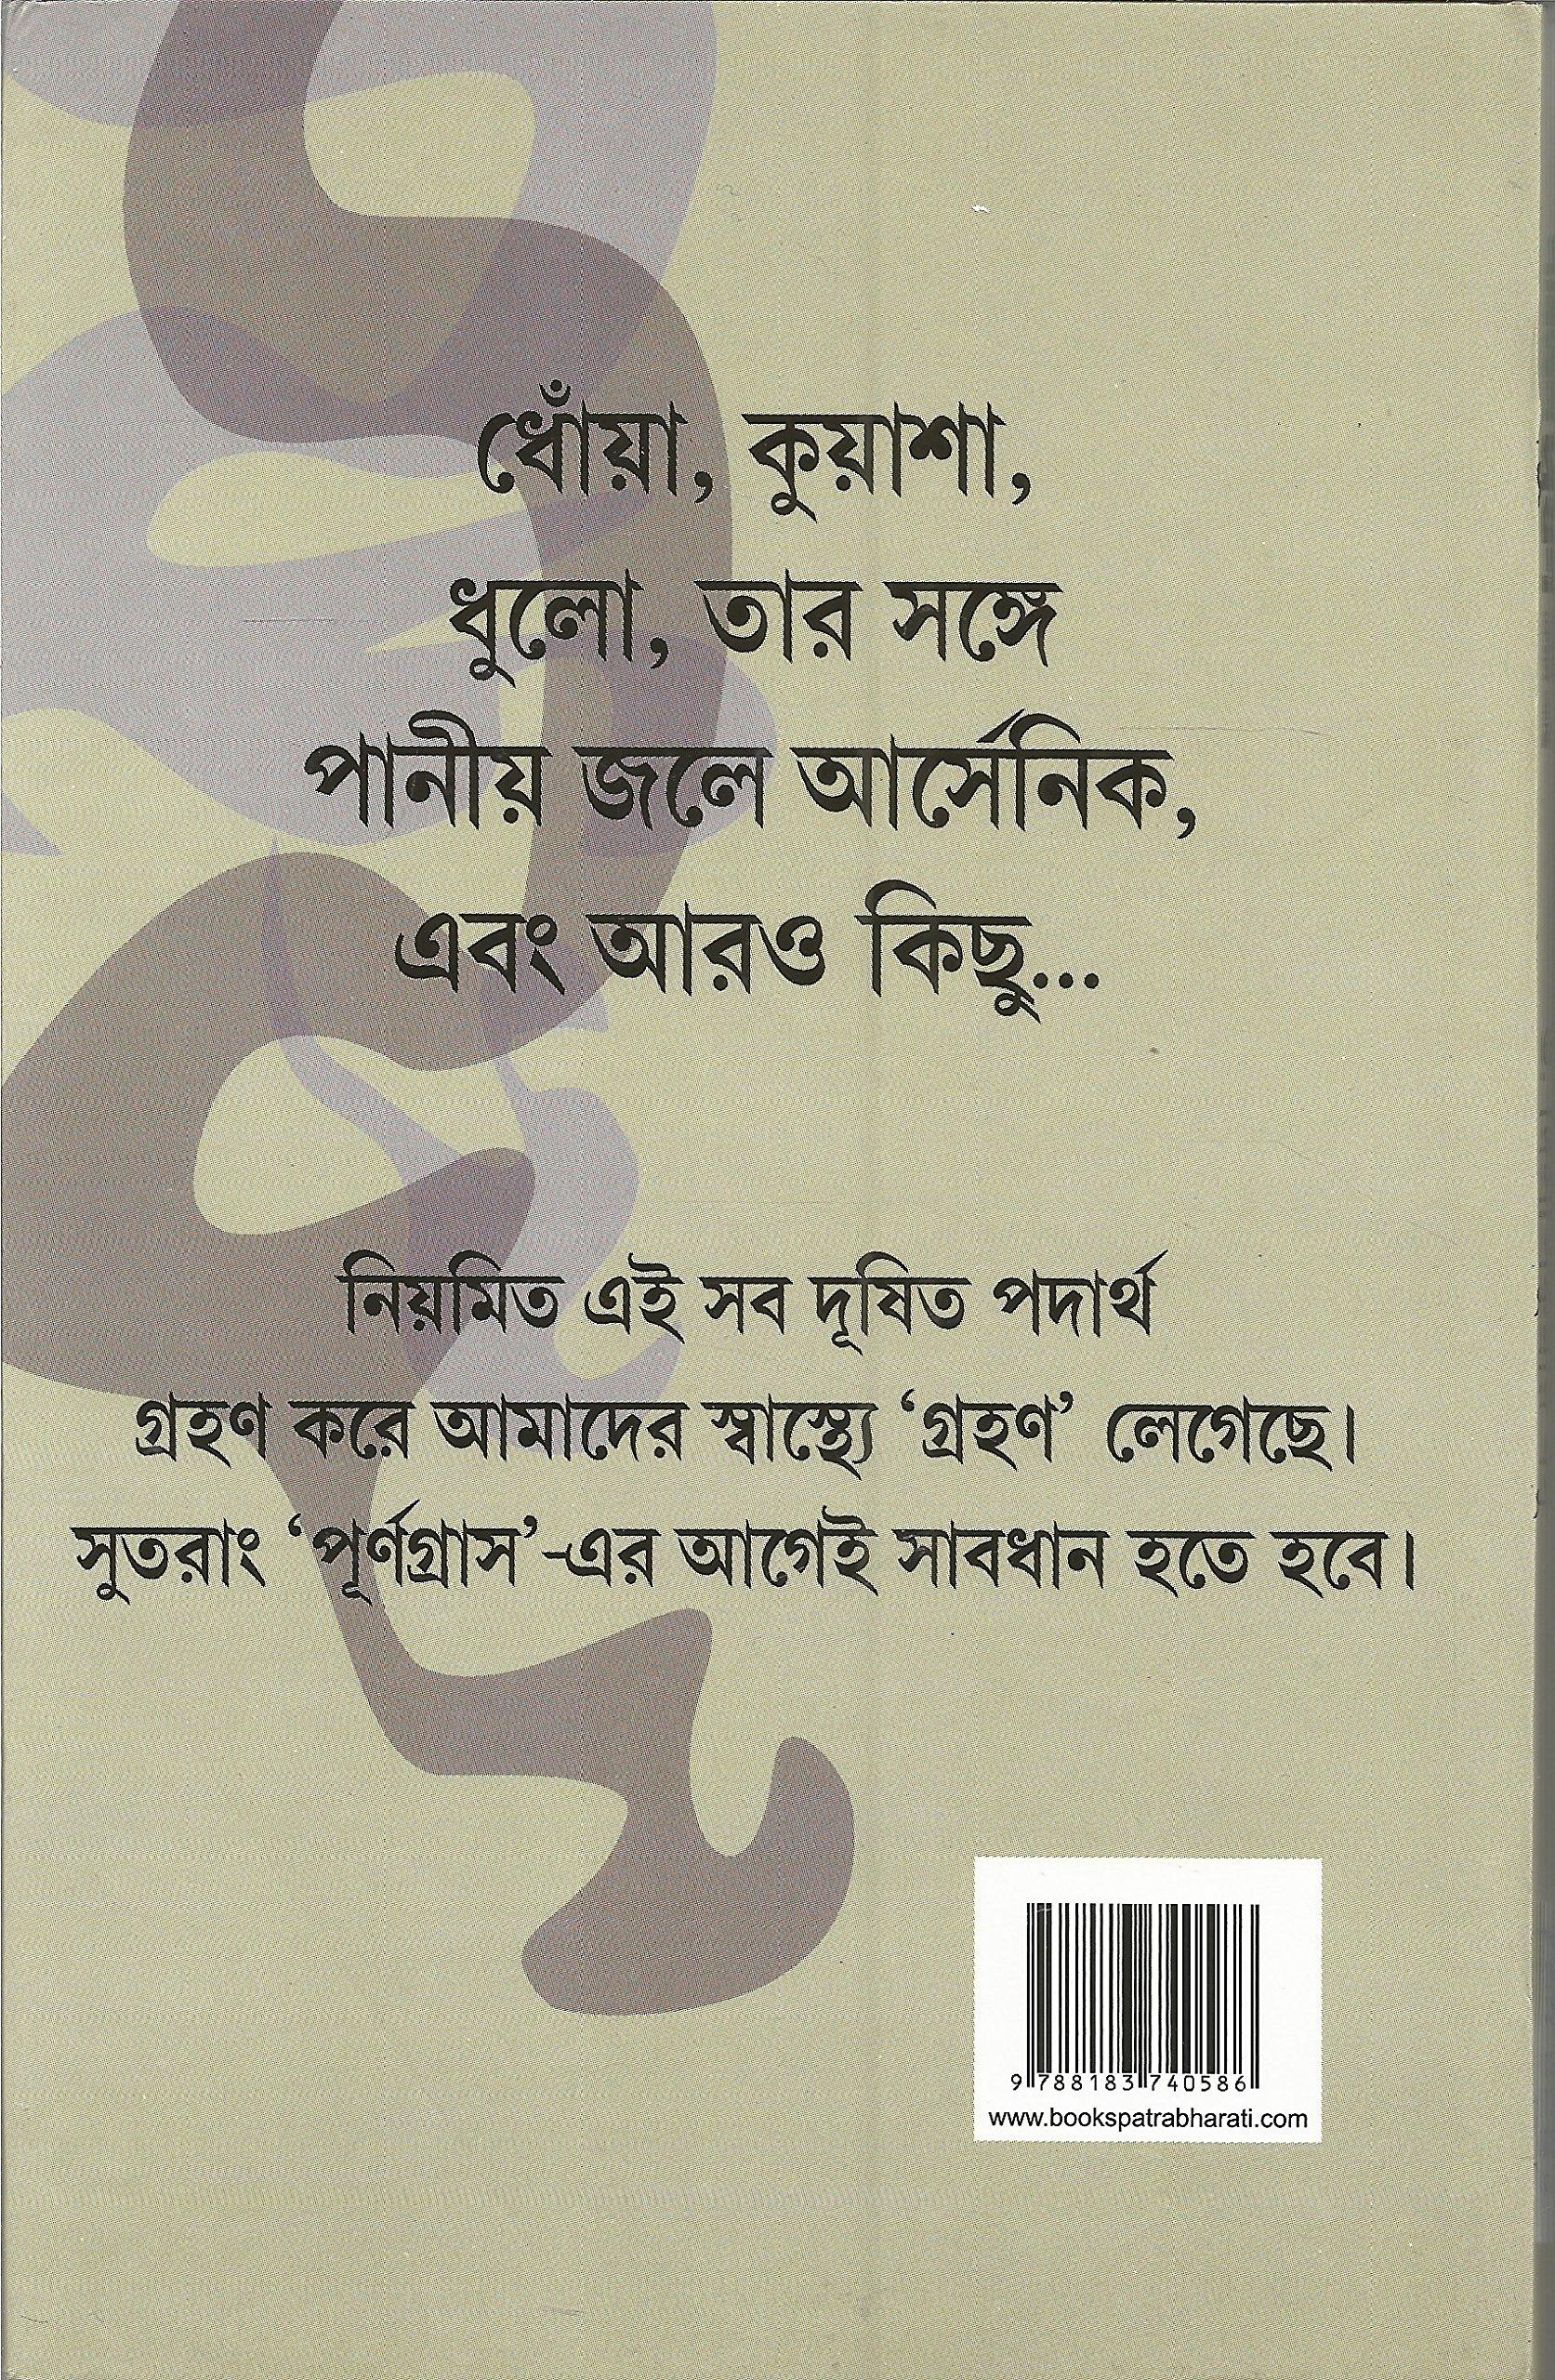 পরিবেশ দূষণ : আমরা ক্যামন আছি